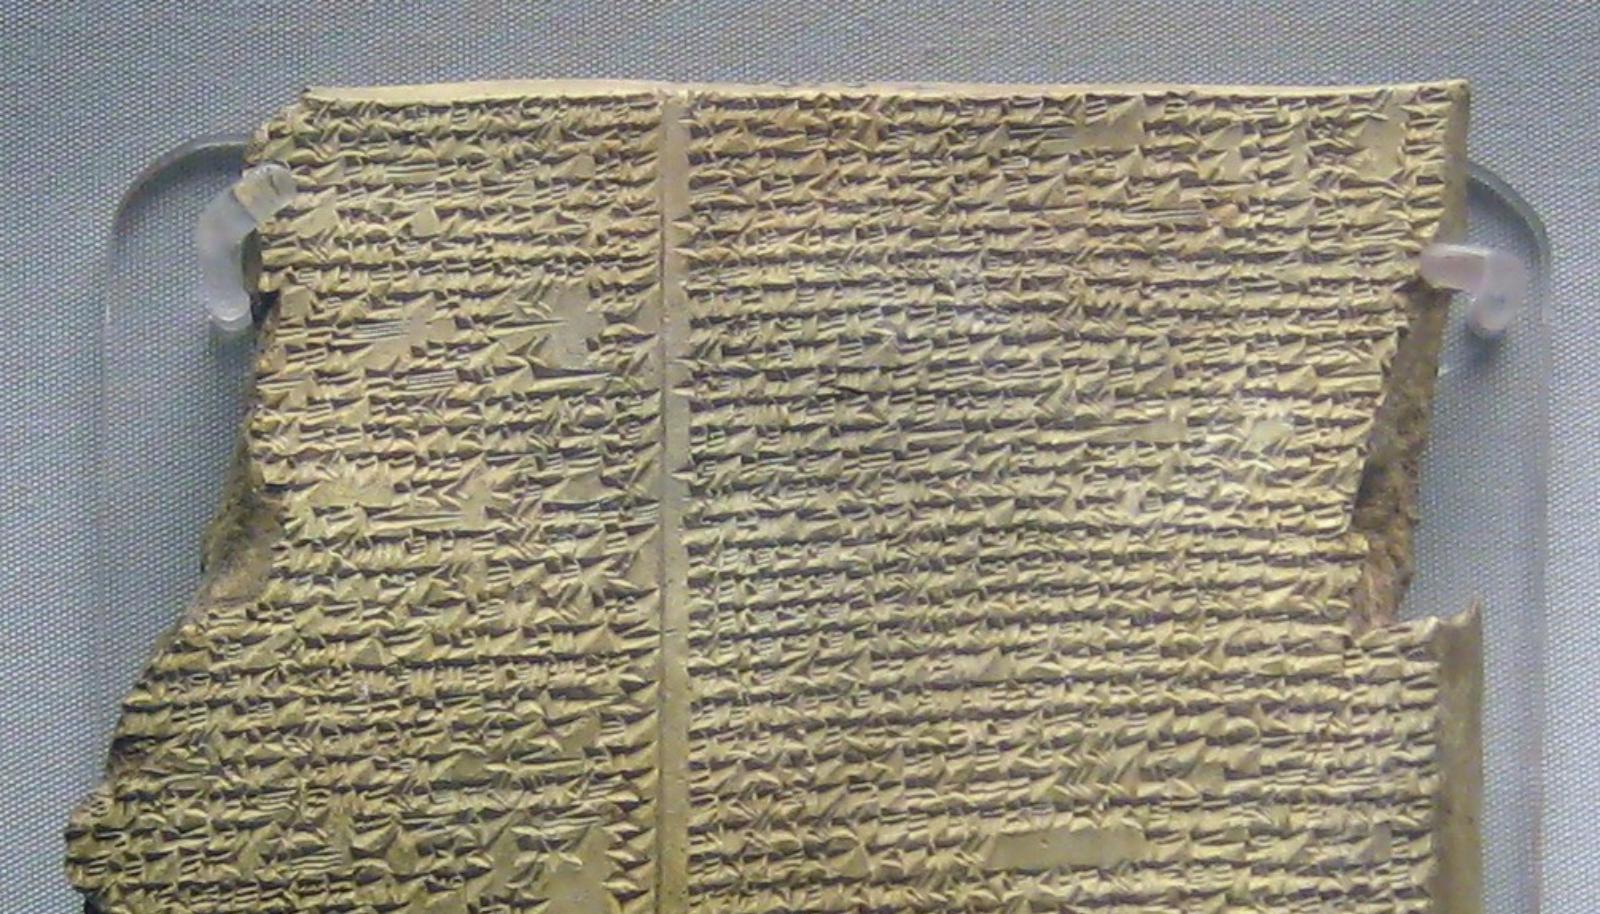 Una de las tablillas con los mitos de Gilgamesh.